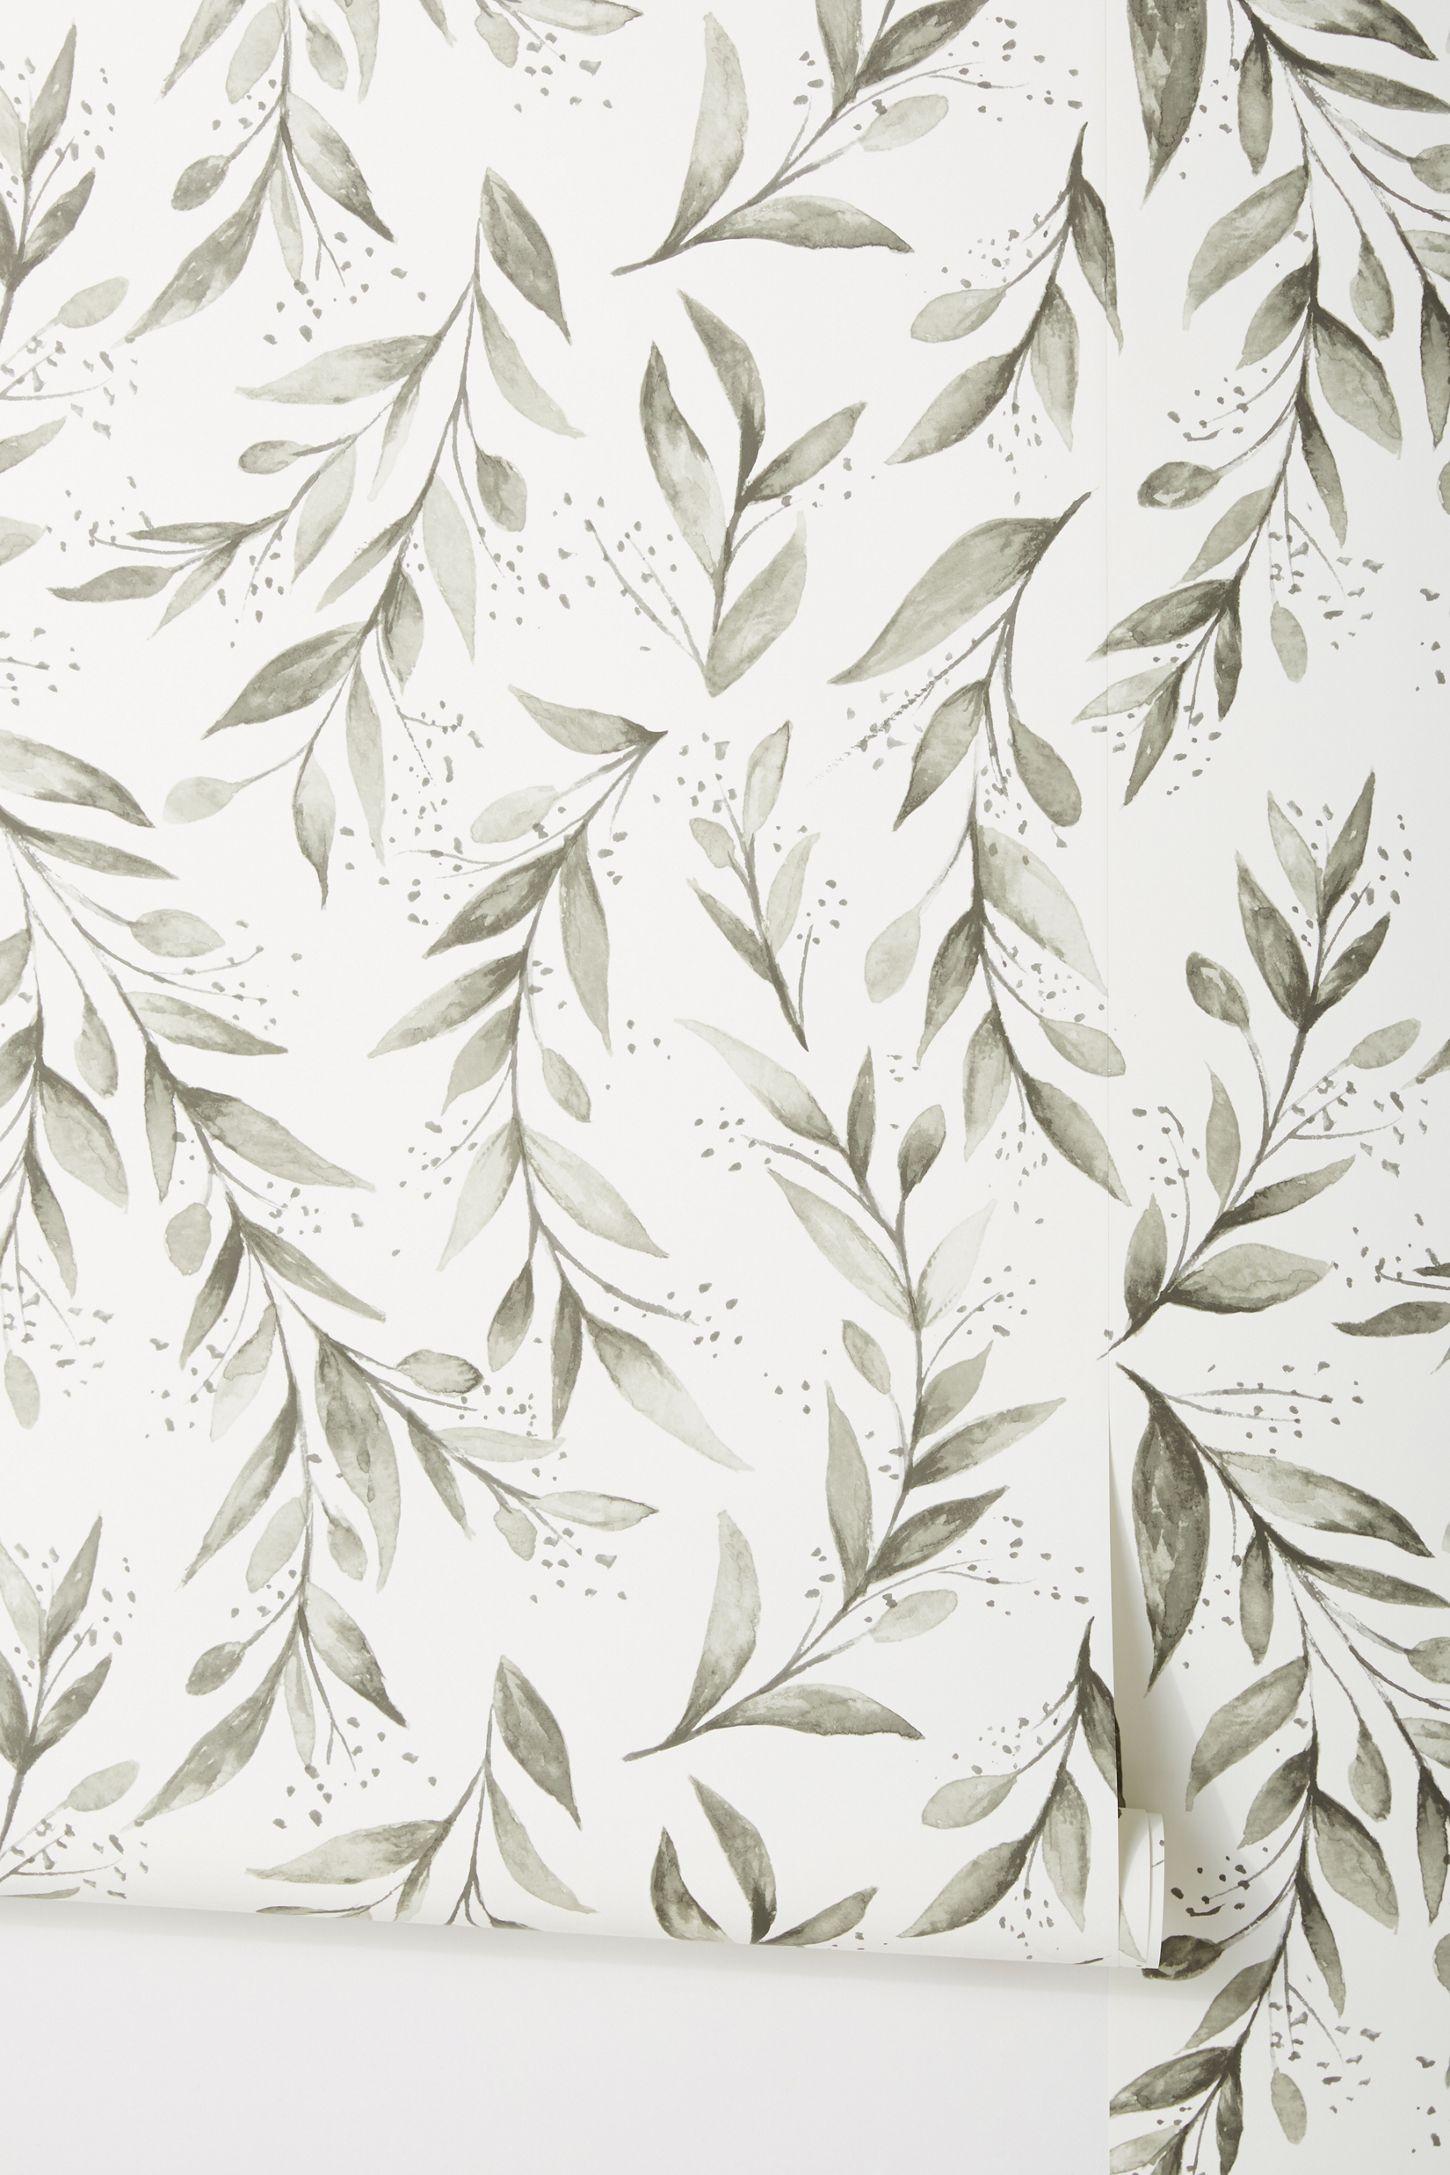 Magnolia Home Olive Branch Wallpaper in 2020 Magnolia